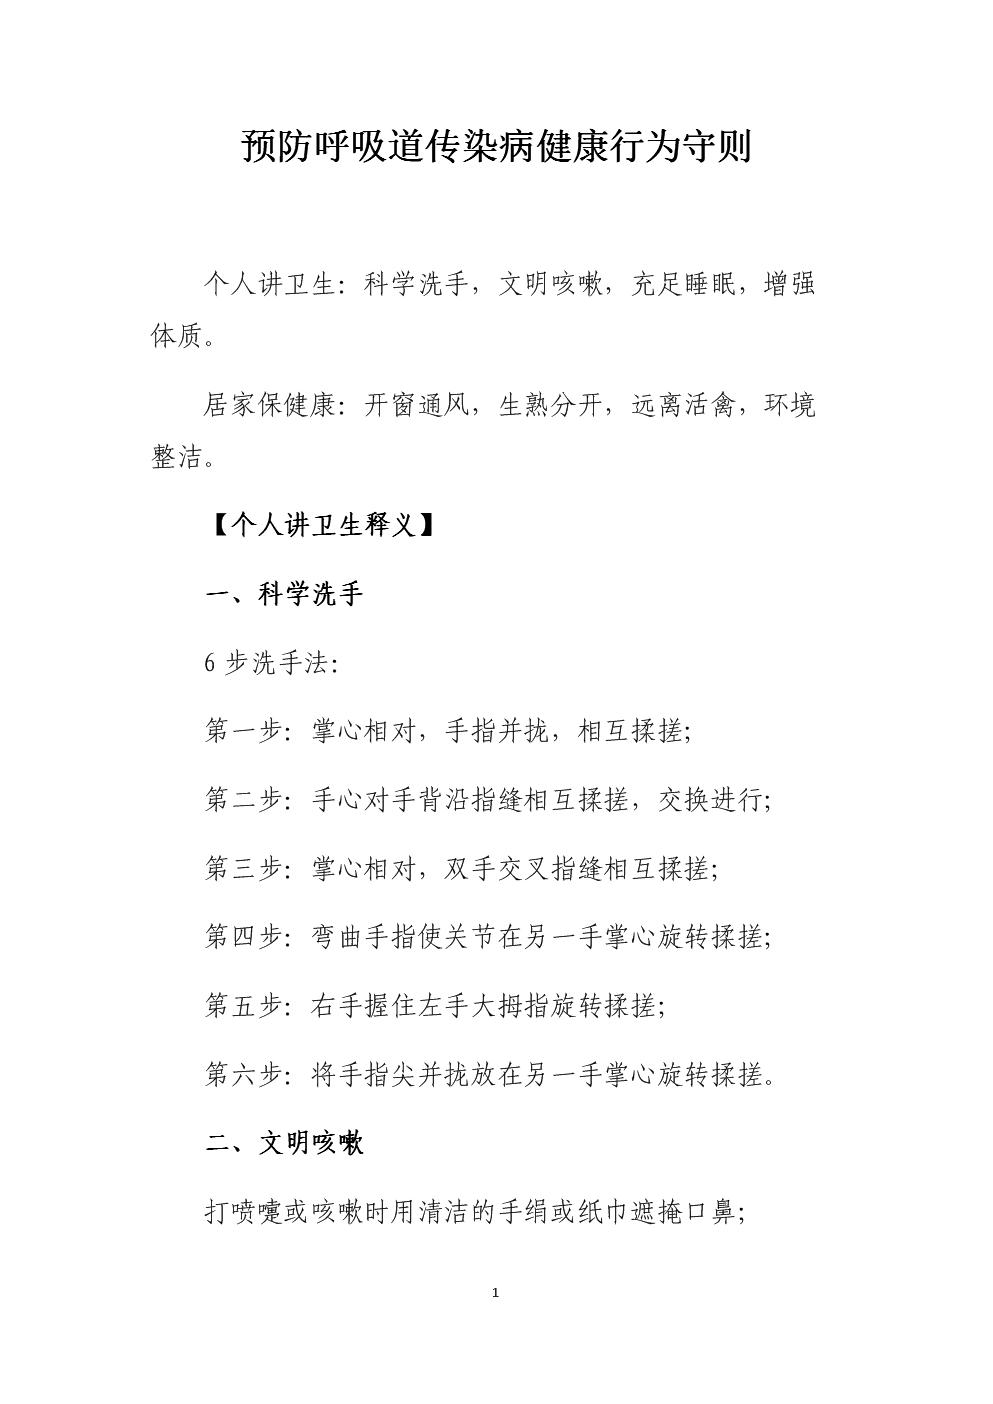 预防呼吸道传染病健康行为守则.docx